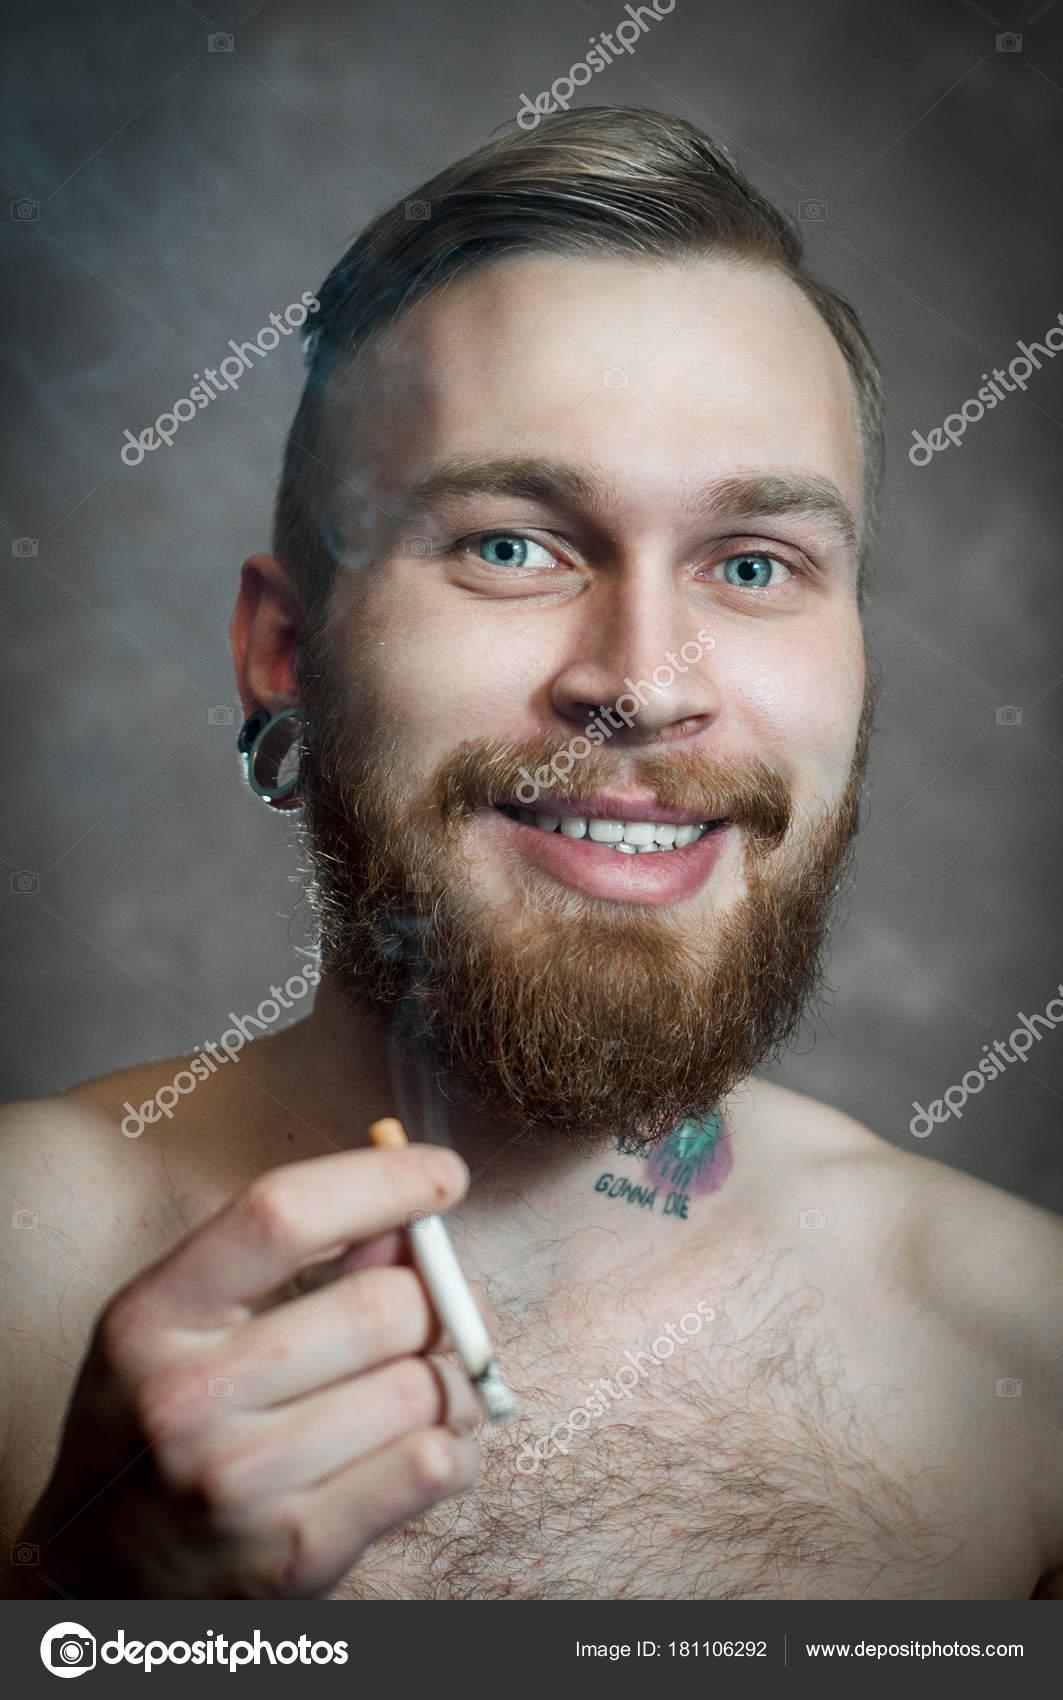 homme blanc avec barbe mustach whith tatouage sur cou fumée